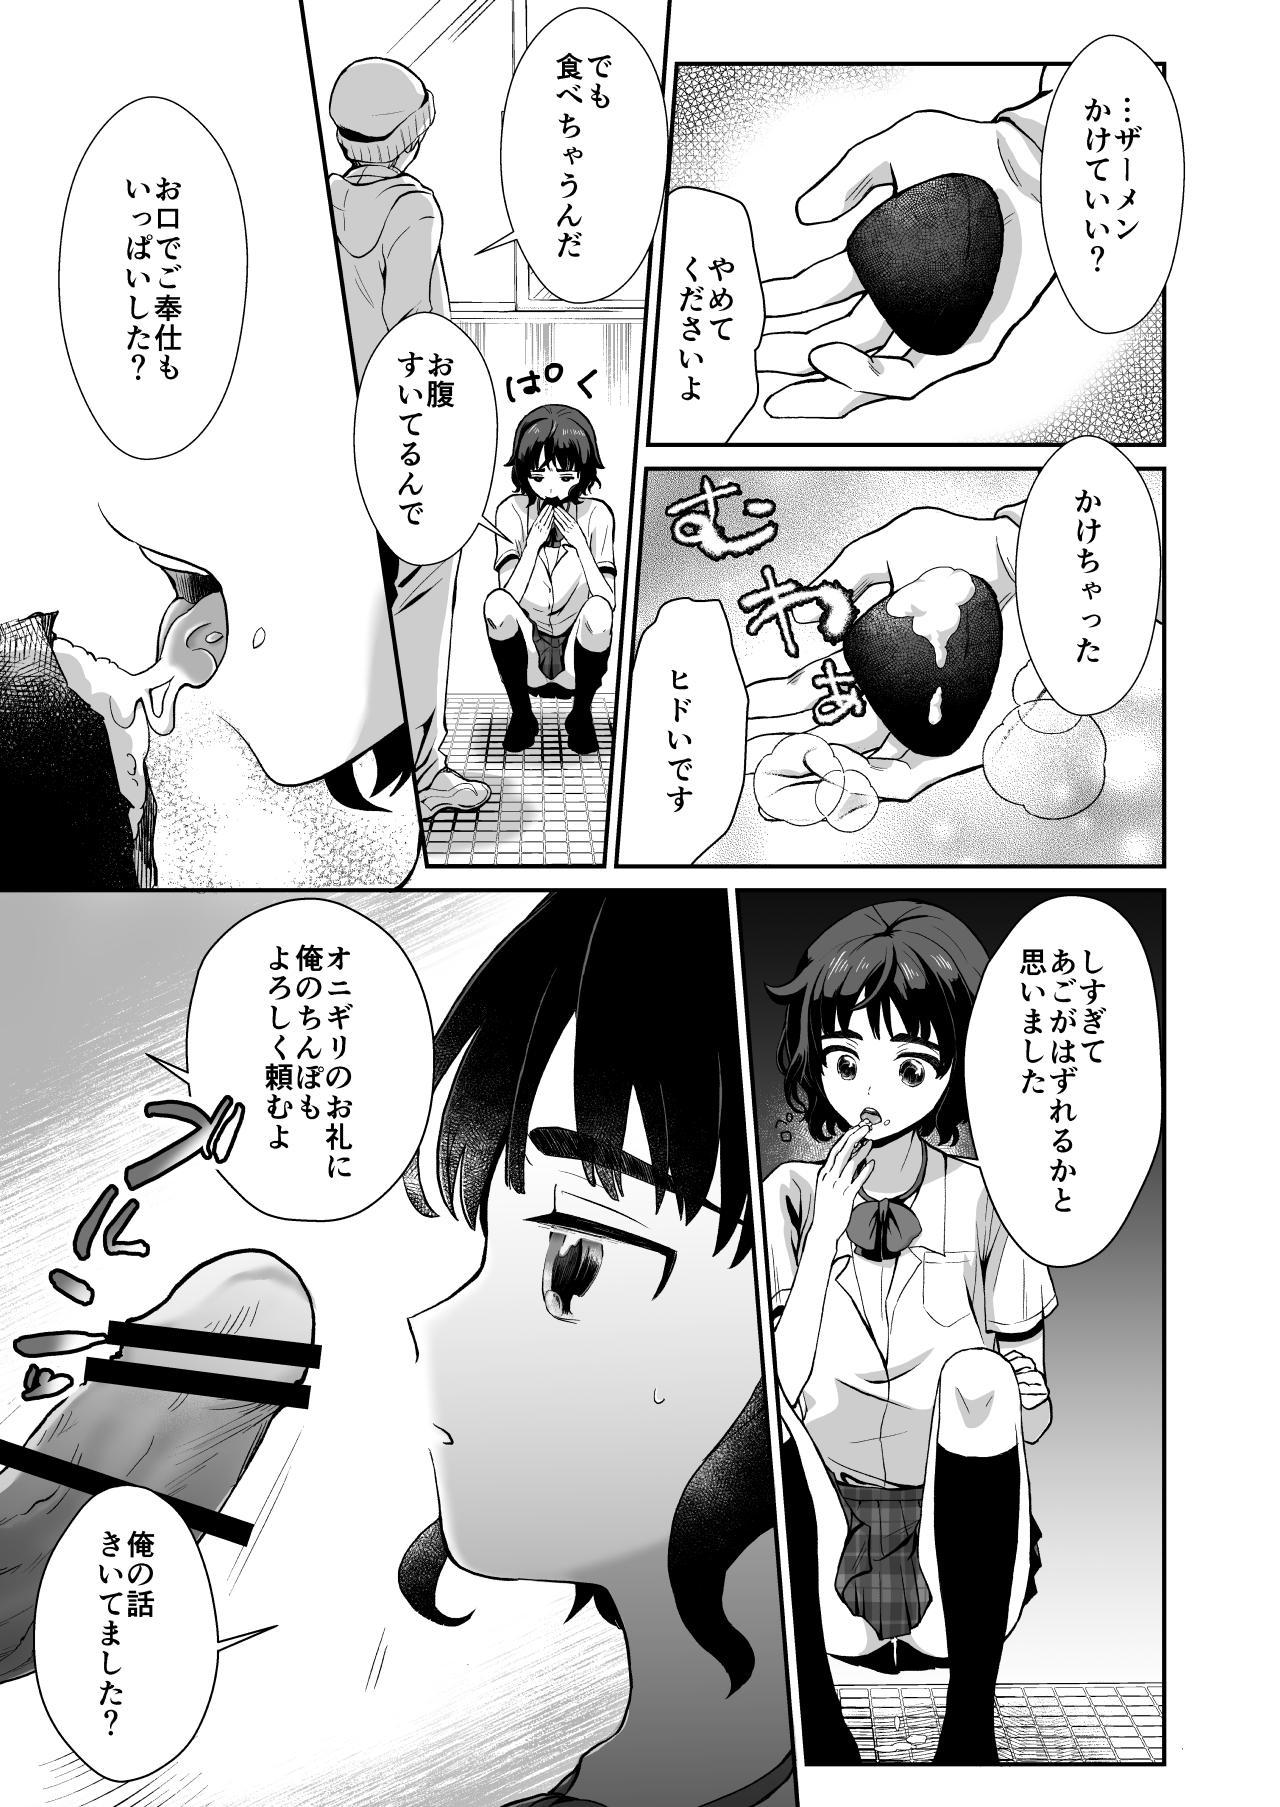 Toilet ni Ittara SeJiru Mamire no Otokonoko ga Taorete Ita no de Toriaezu Irete Mita 11